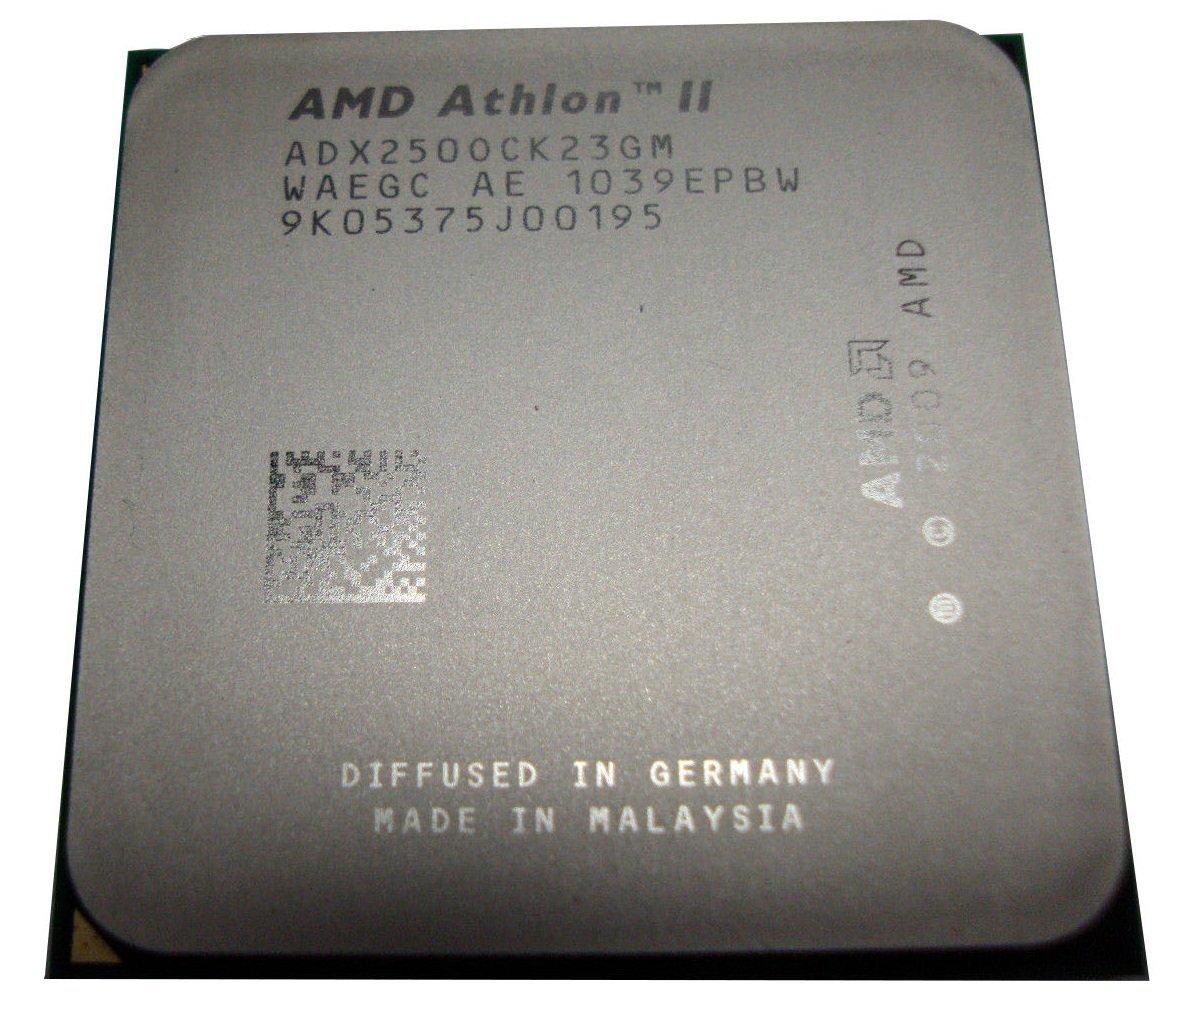 i.ibb.co/JsjWKWy/Processador-AMD-Athlon-II-X2-250-65-W-45nm-3-GHz-Dual-Core-Soquete-AM3-CPU.jpg